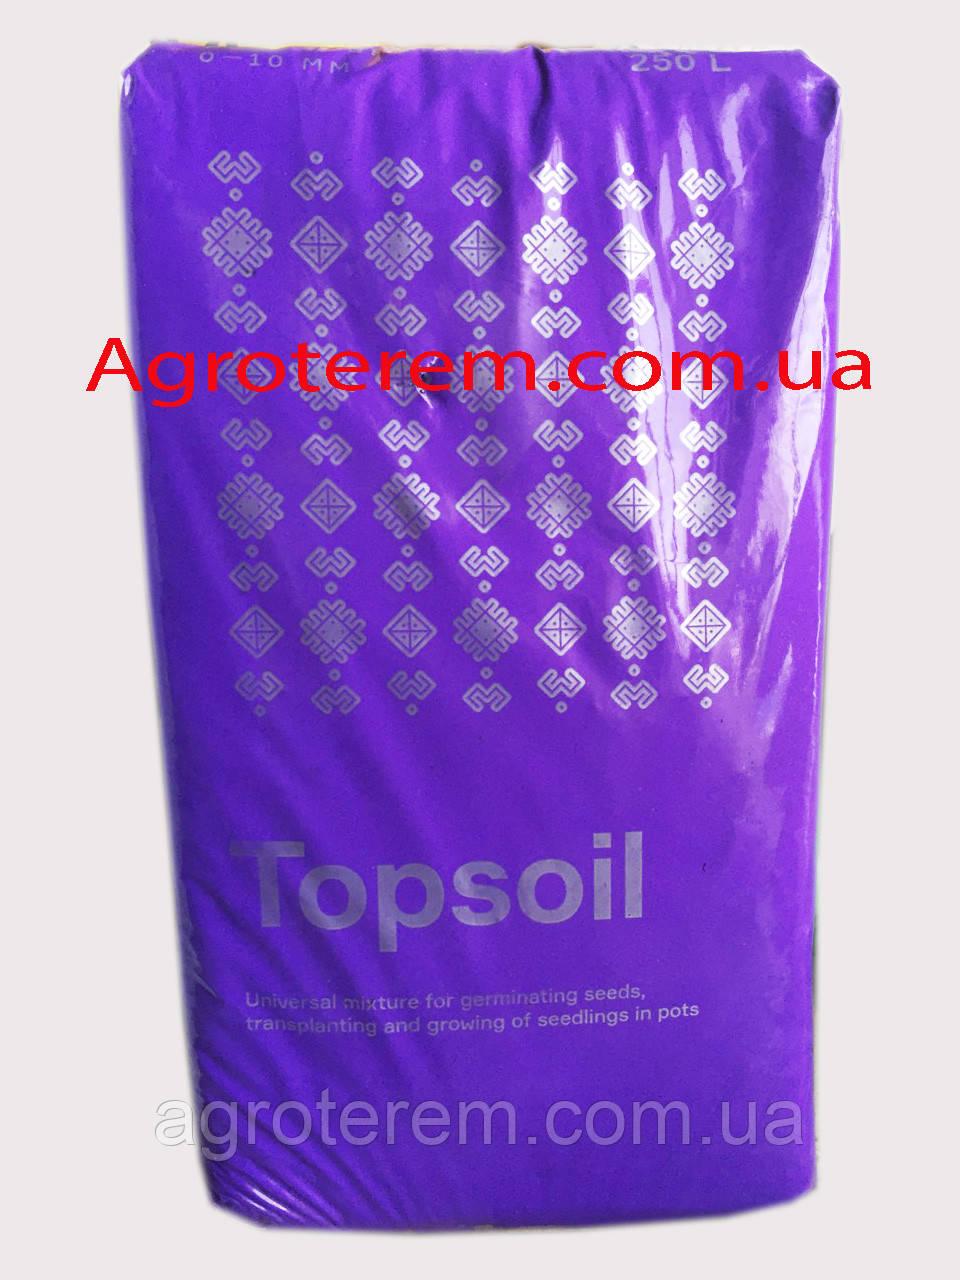 Торфяной субстрат TopSoil(Топсоил) 250л. фракция 0-10мм